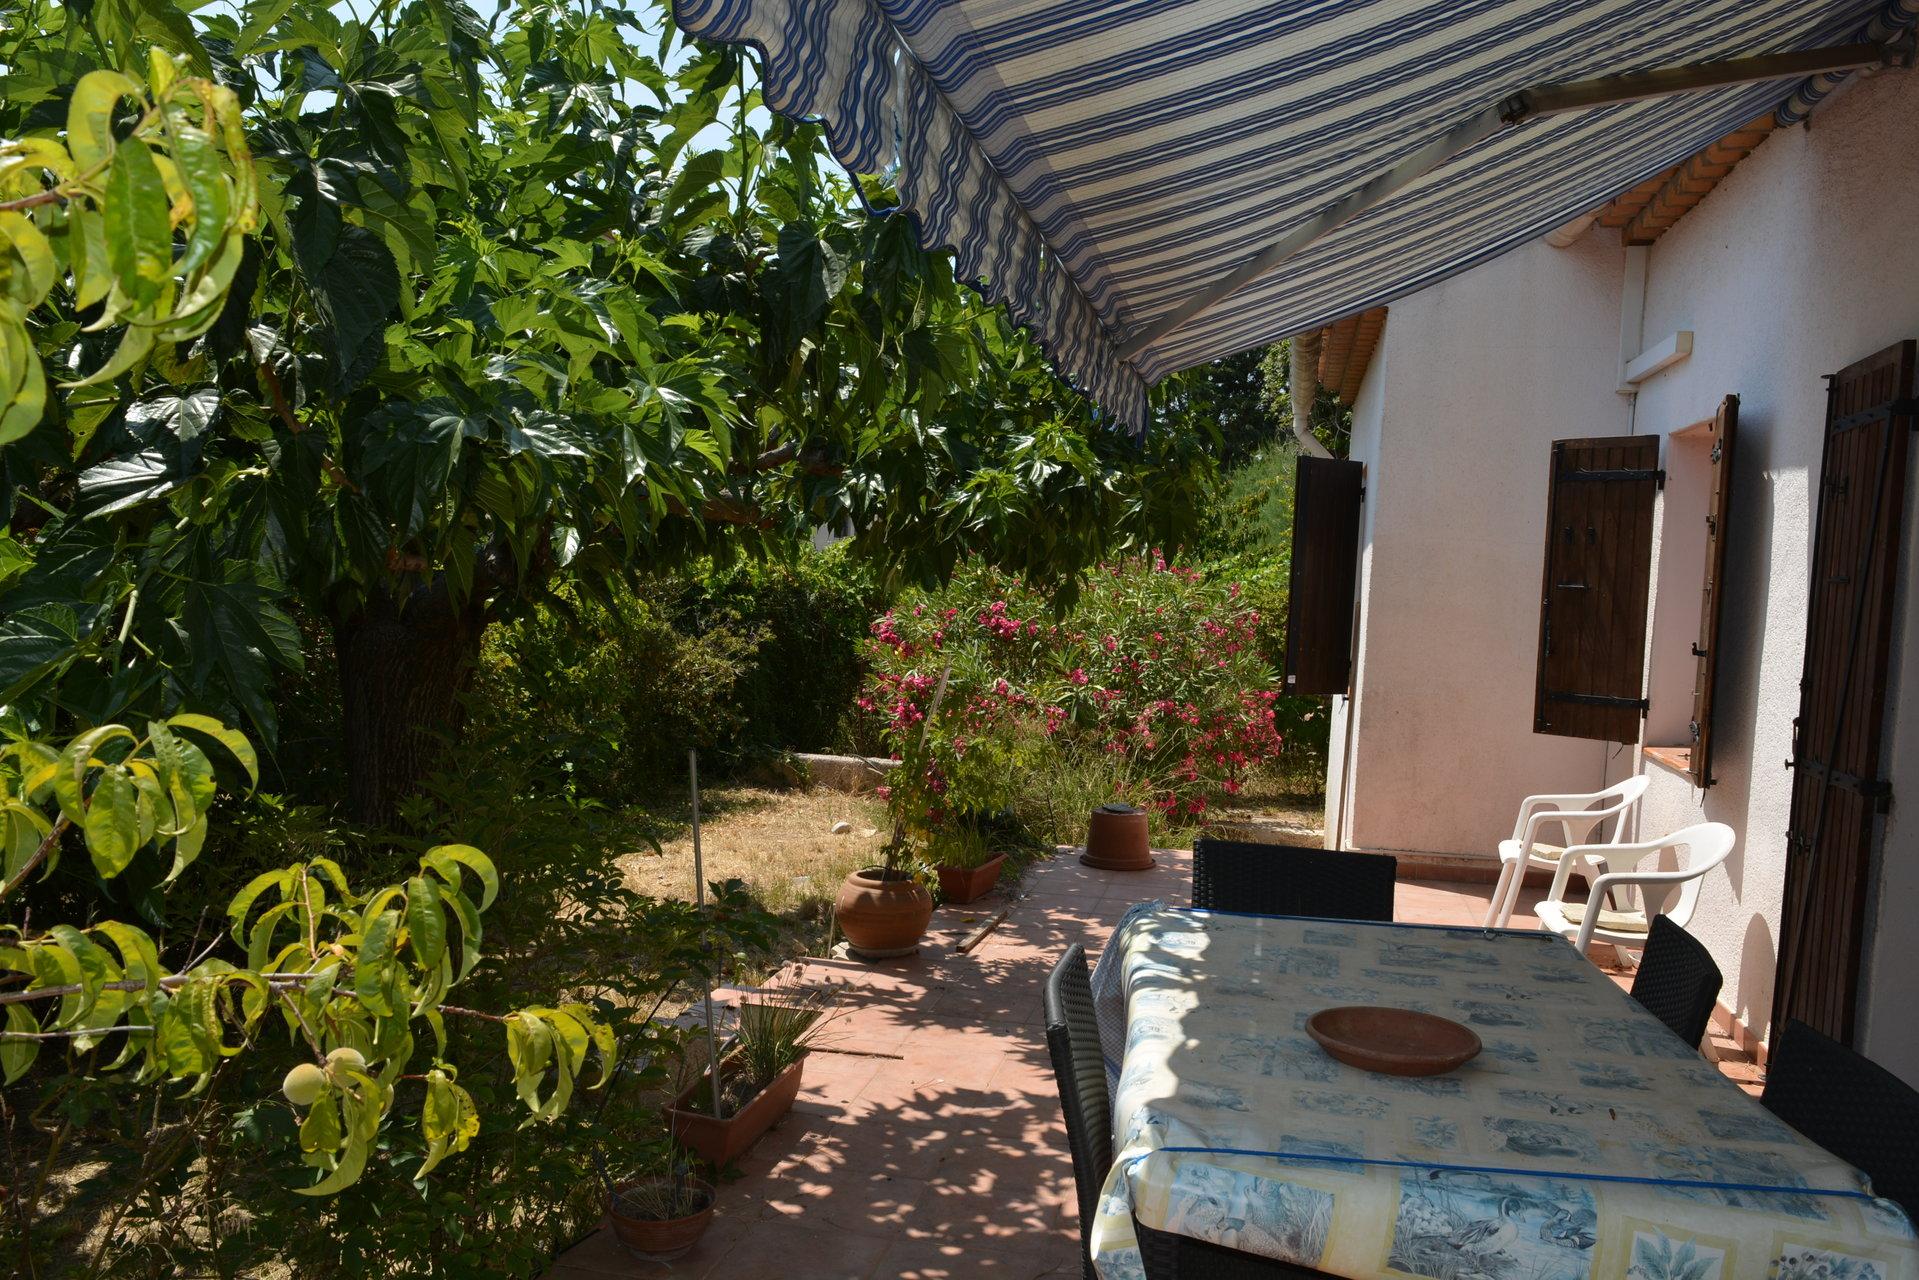 Maison proche ville, jardin, au calme